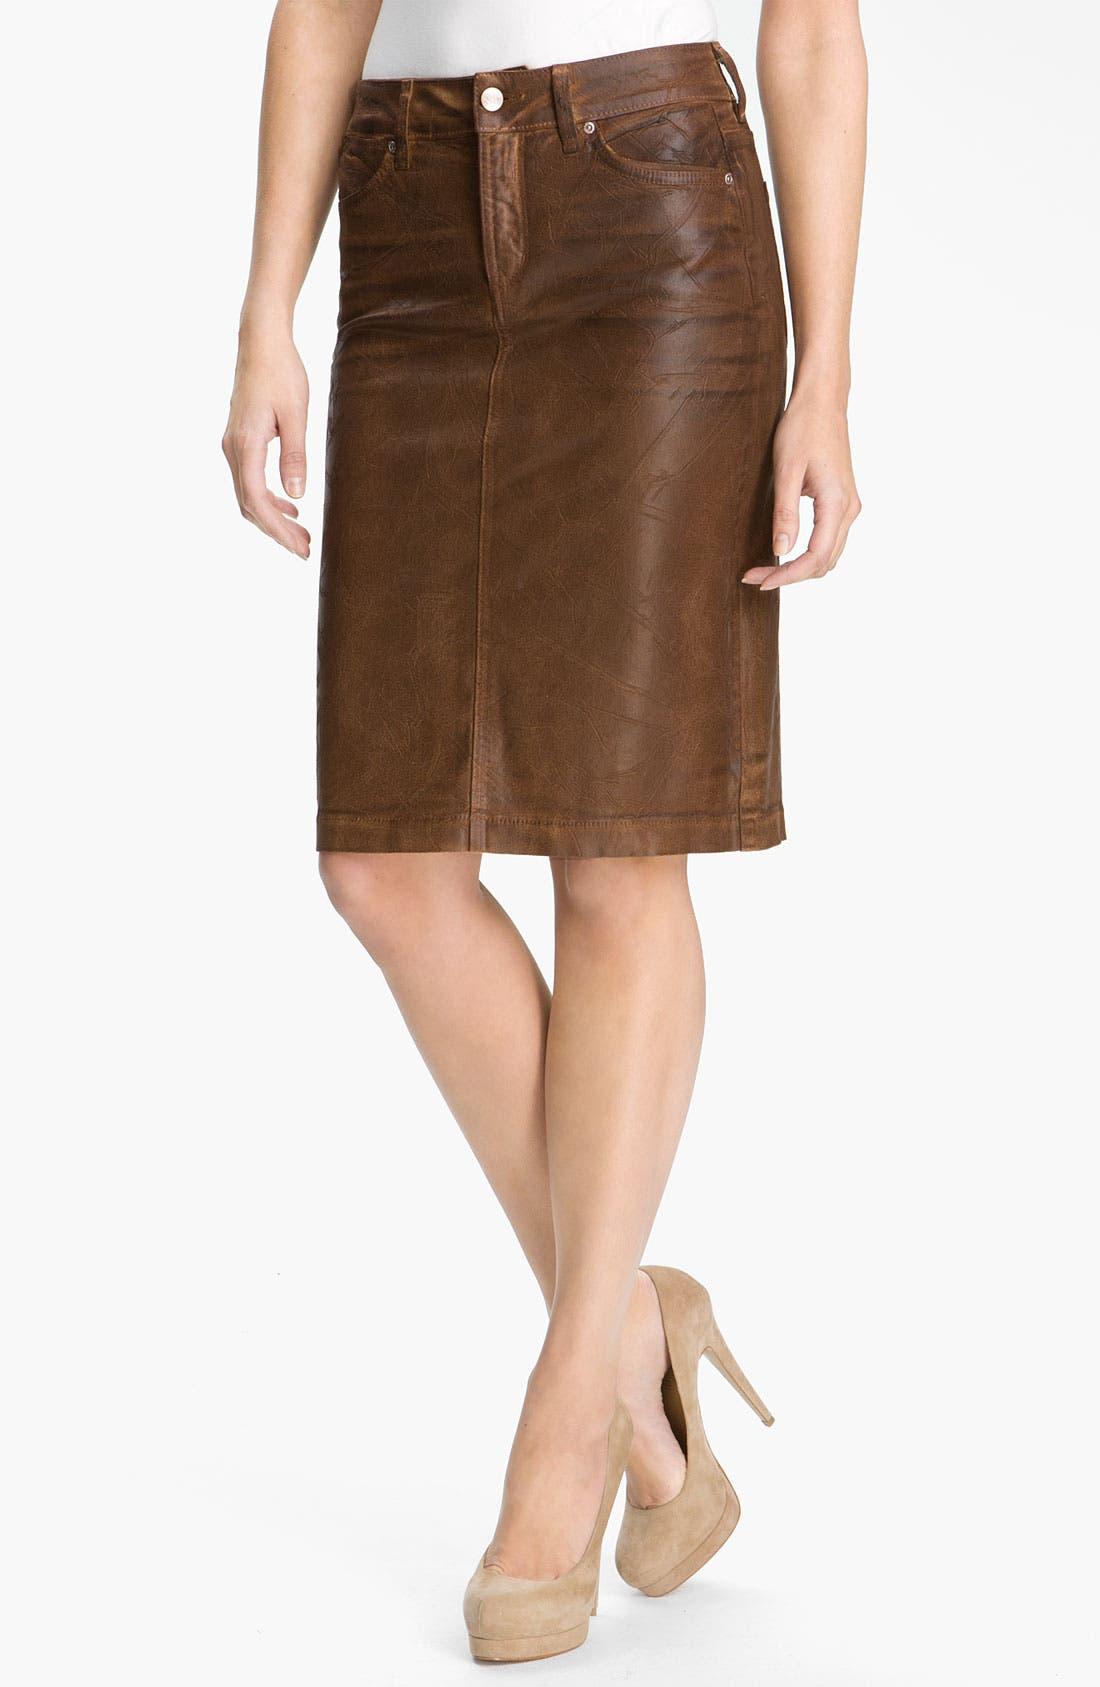 Alternate Image 1 Selected - NYDJ 'Emma' Coated Twill Skirt (Petite)